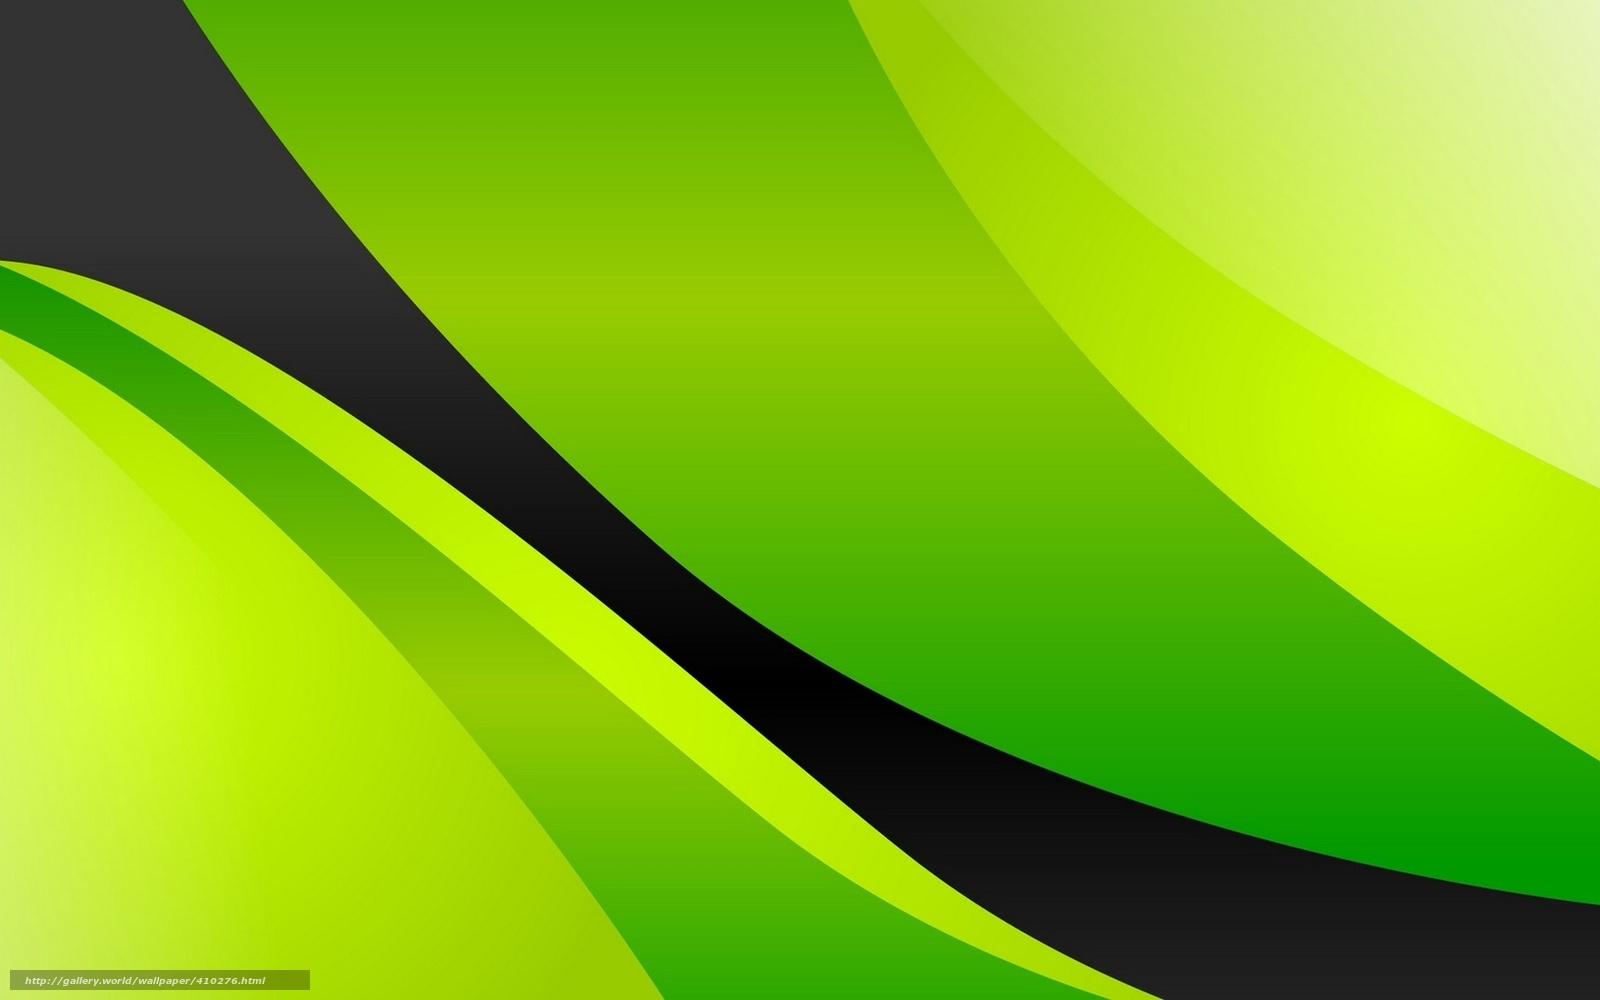 Scaricare Gli Sfondi Verde Nero Sfondo Sfondi Gratis Per La